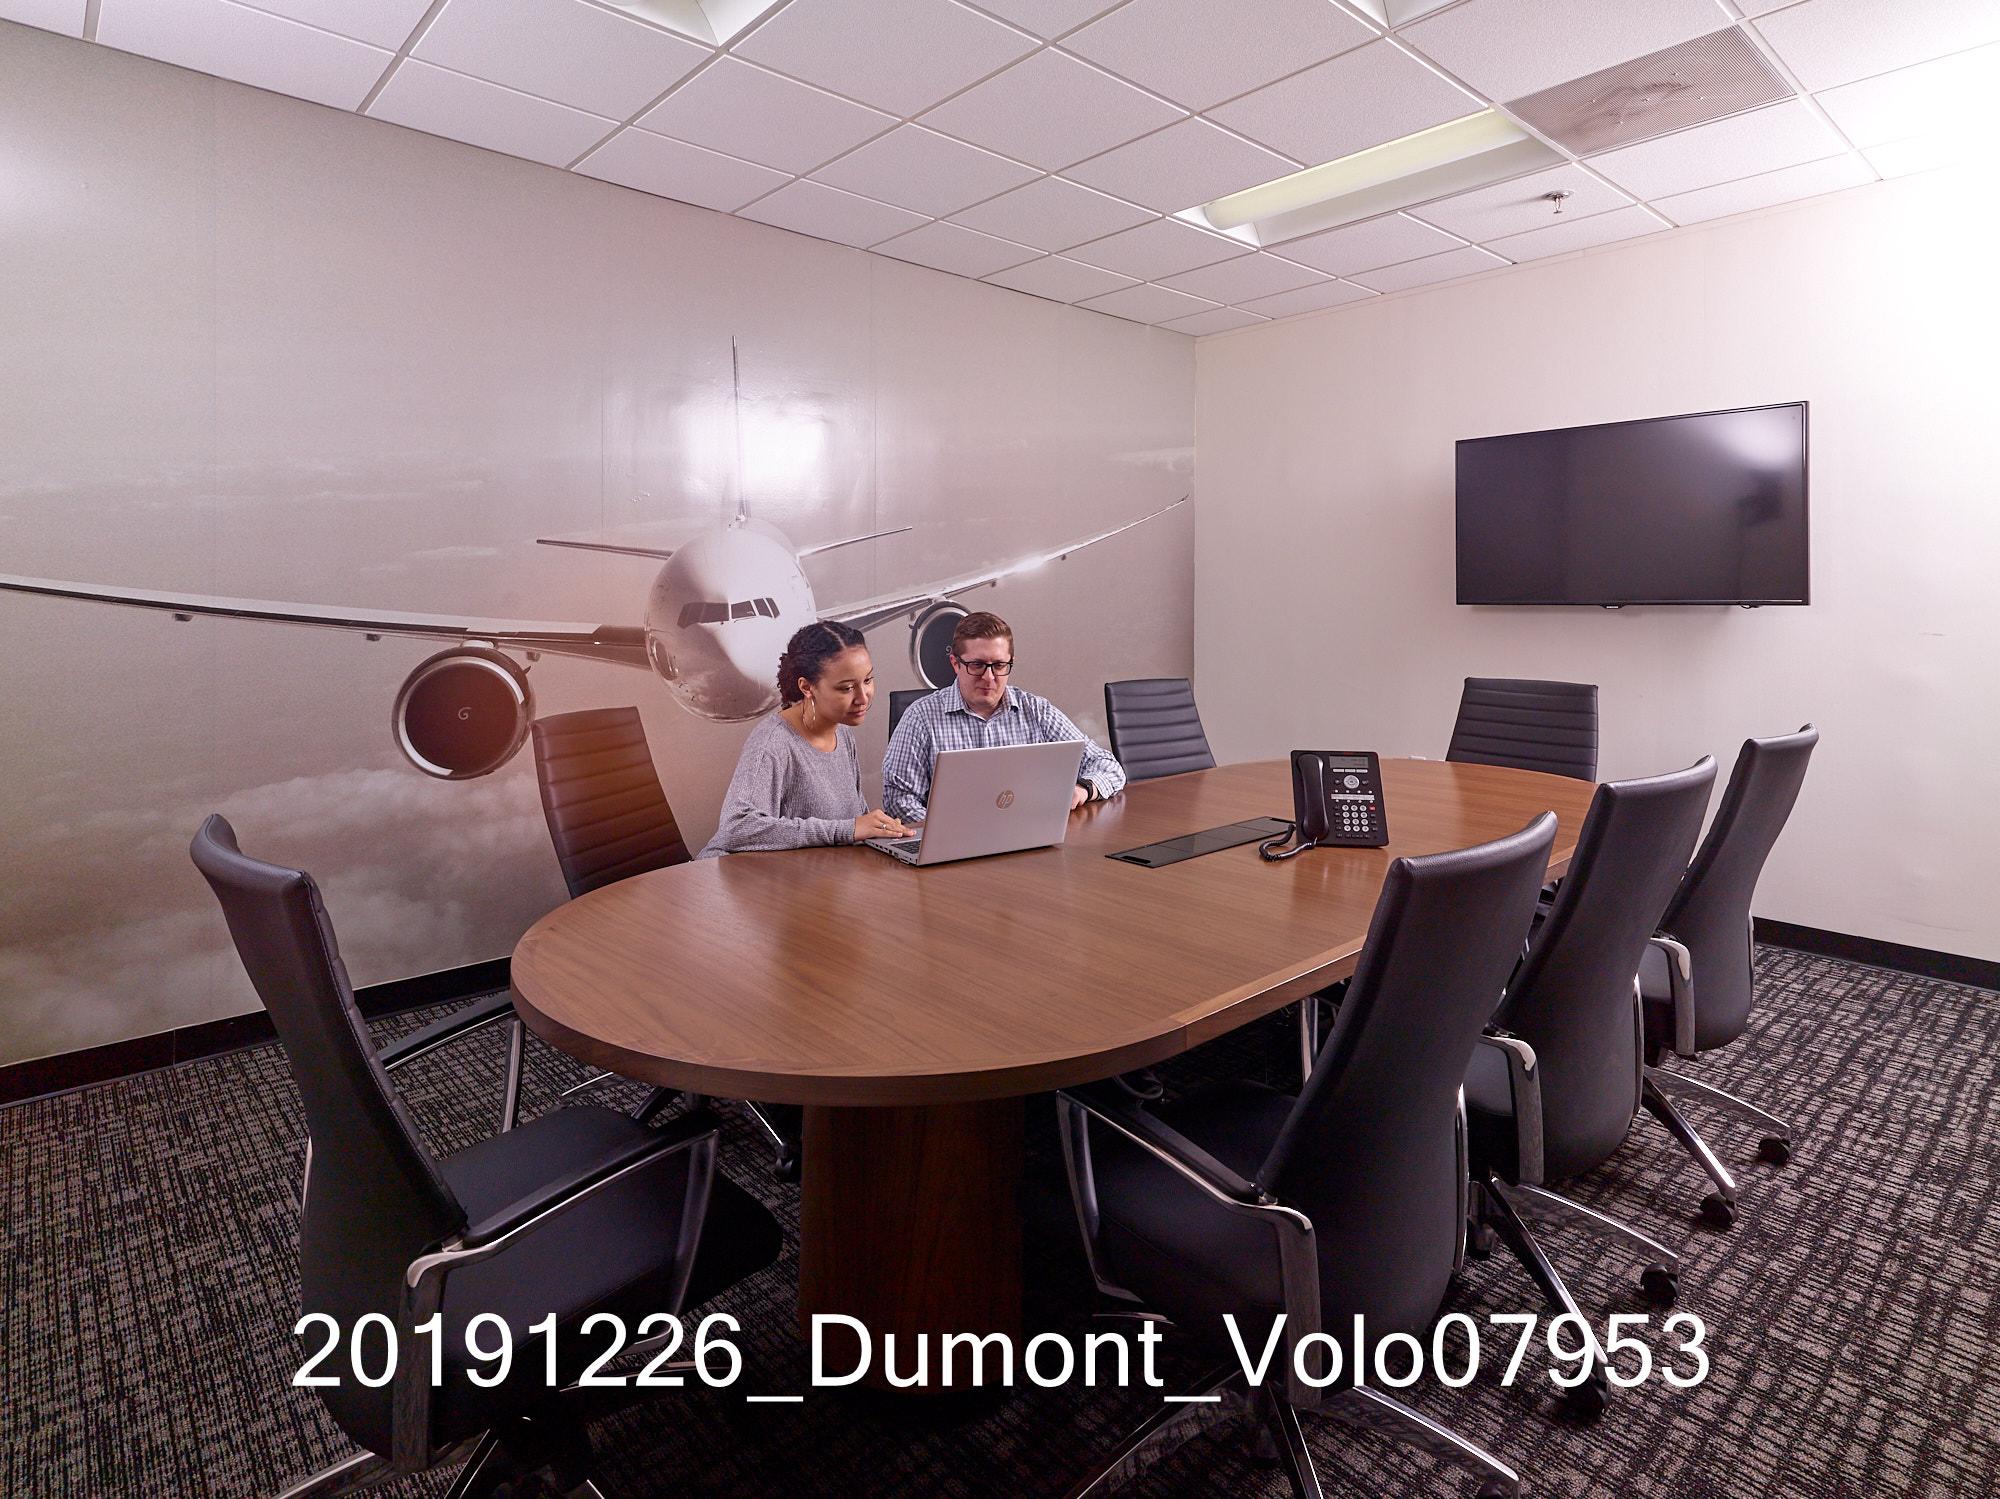 20191226_Dumont_Volo07953.jpg